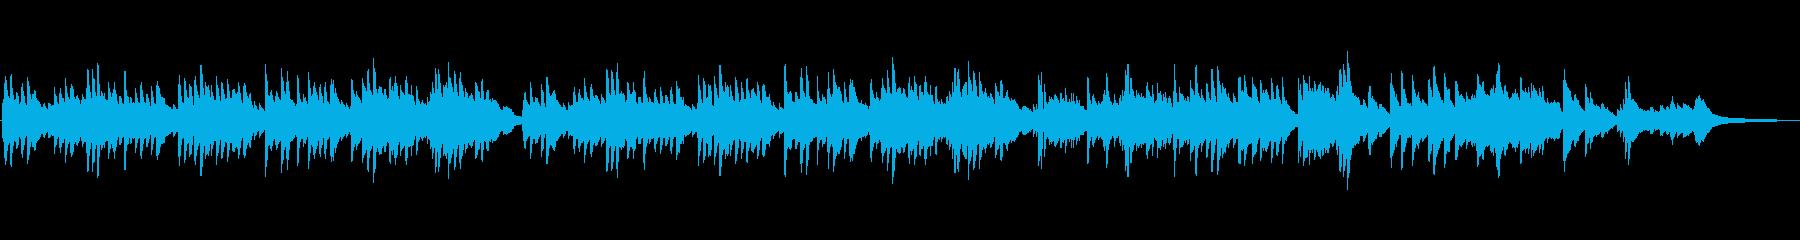 優しく静かなピアノソロ曲の再生済みの波形